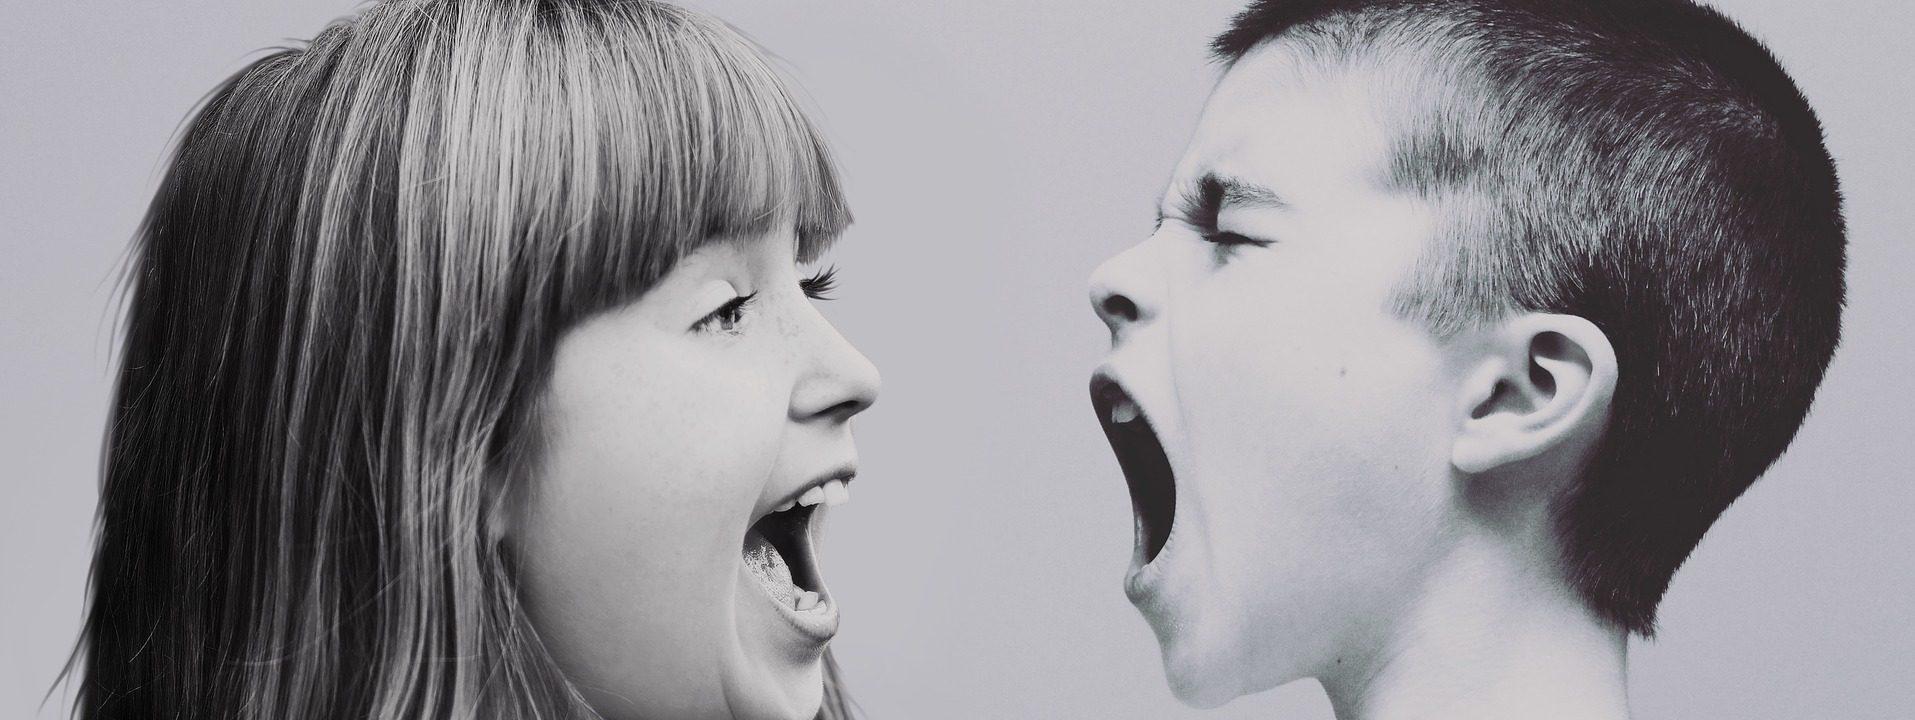 Infants i adolescents tirans